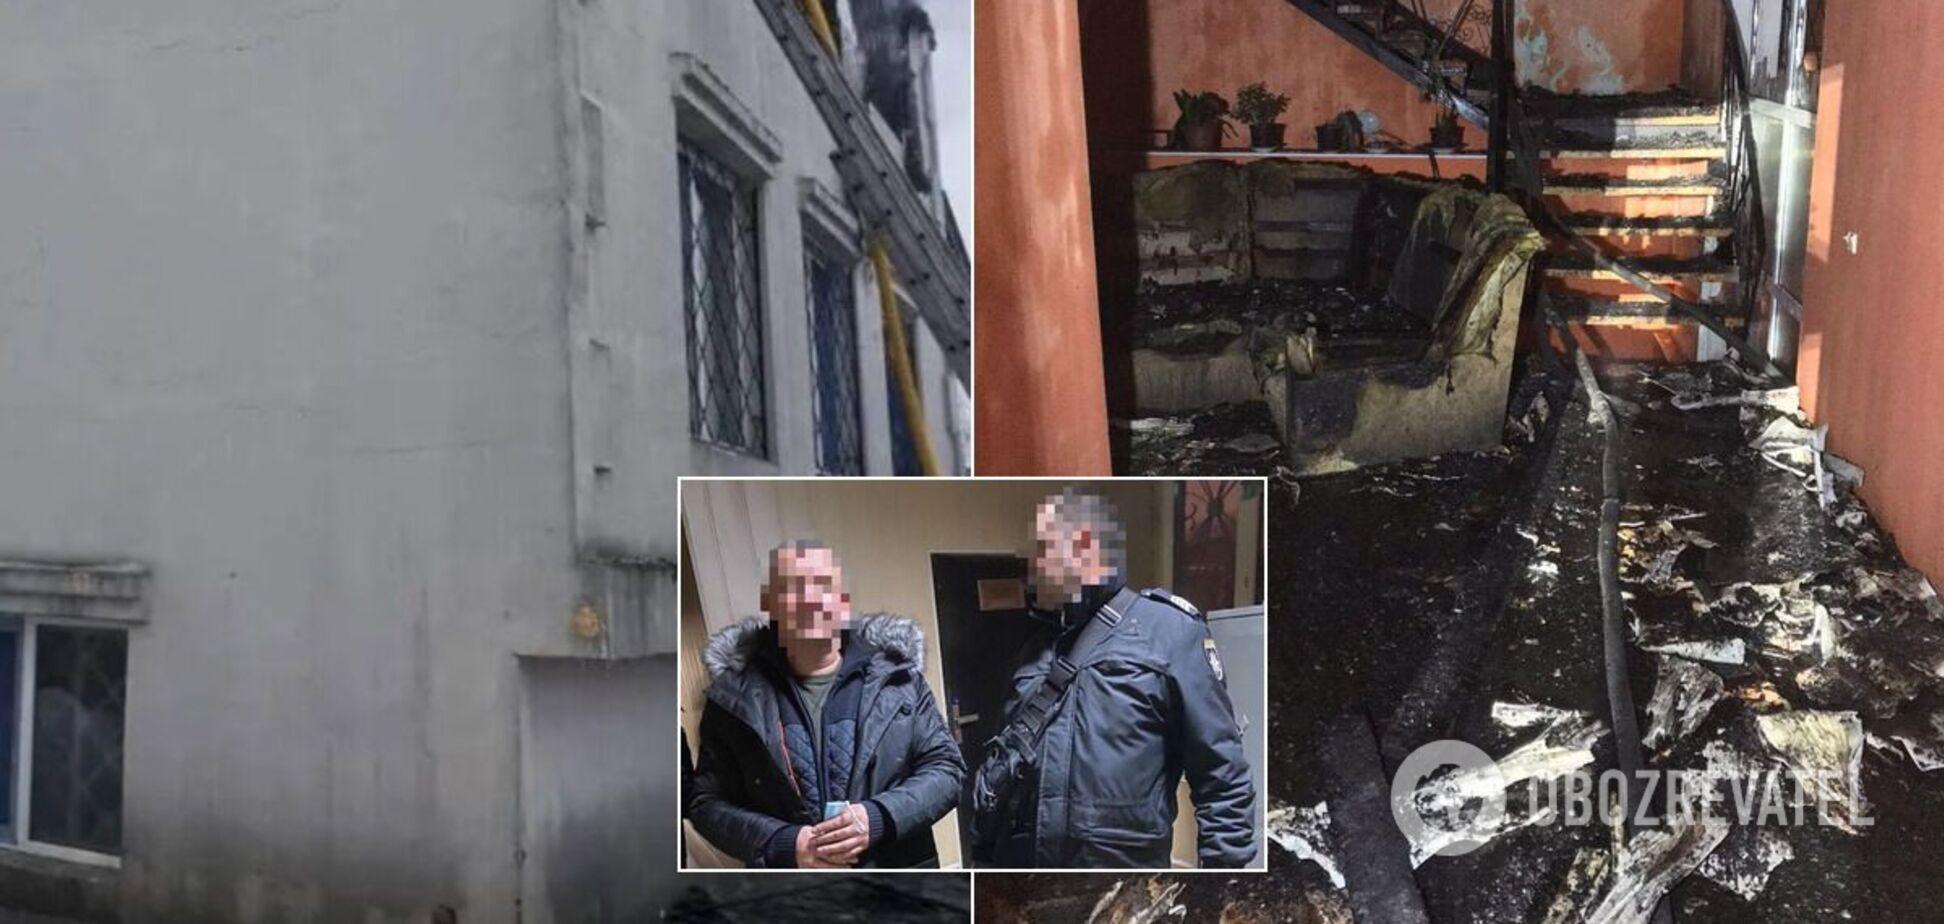 У справі про смертельну пожежу в Харкові з'явилися перші затримані. Фото і відео